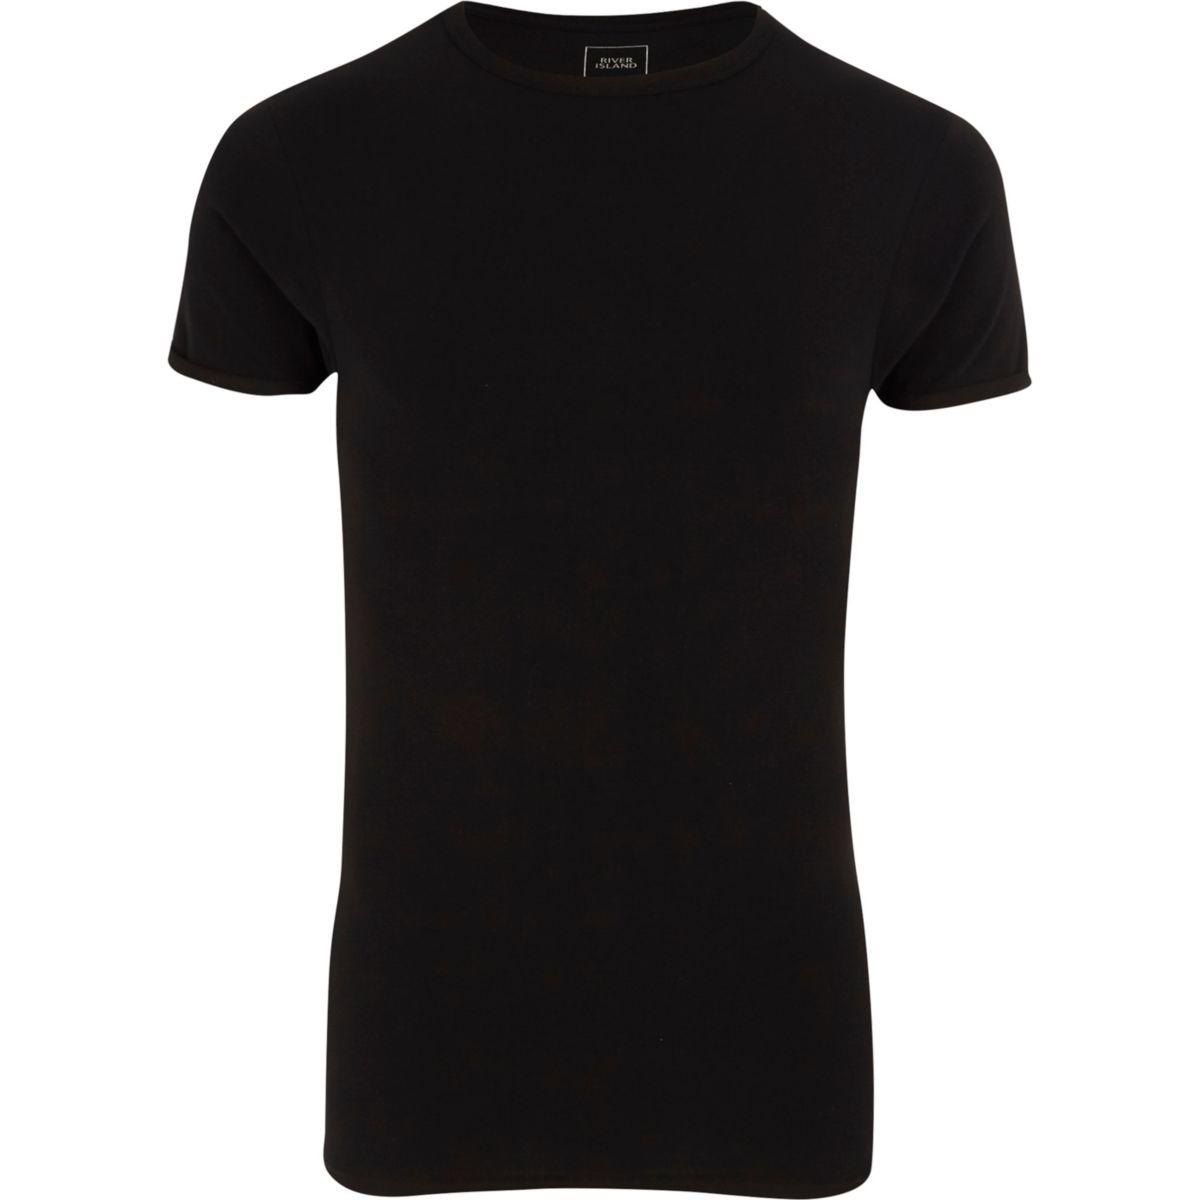 T-shirt très ajusté ras-du-cou noir